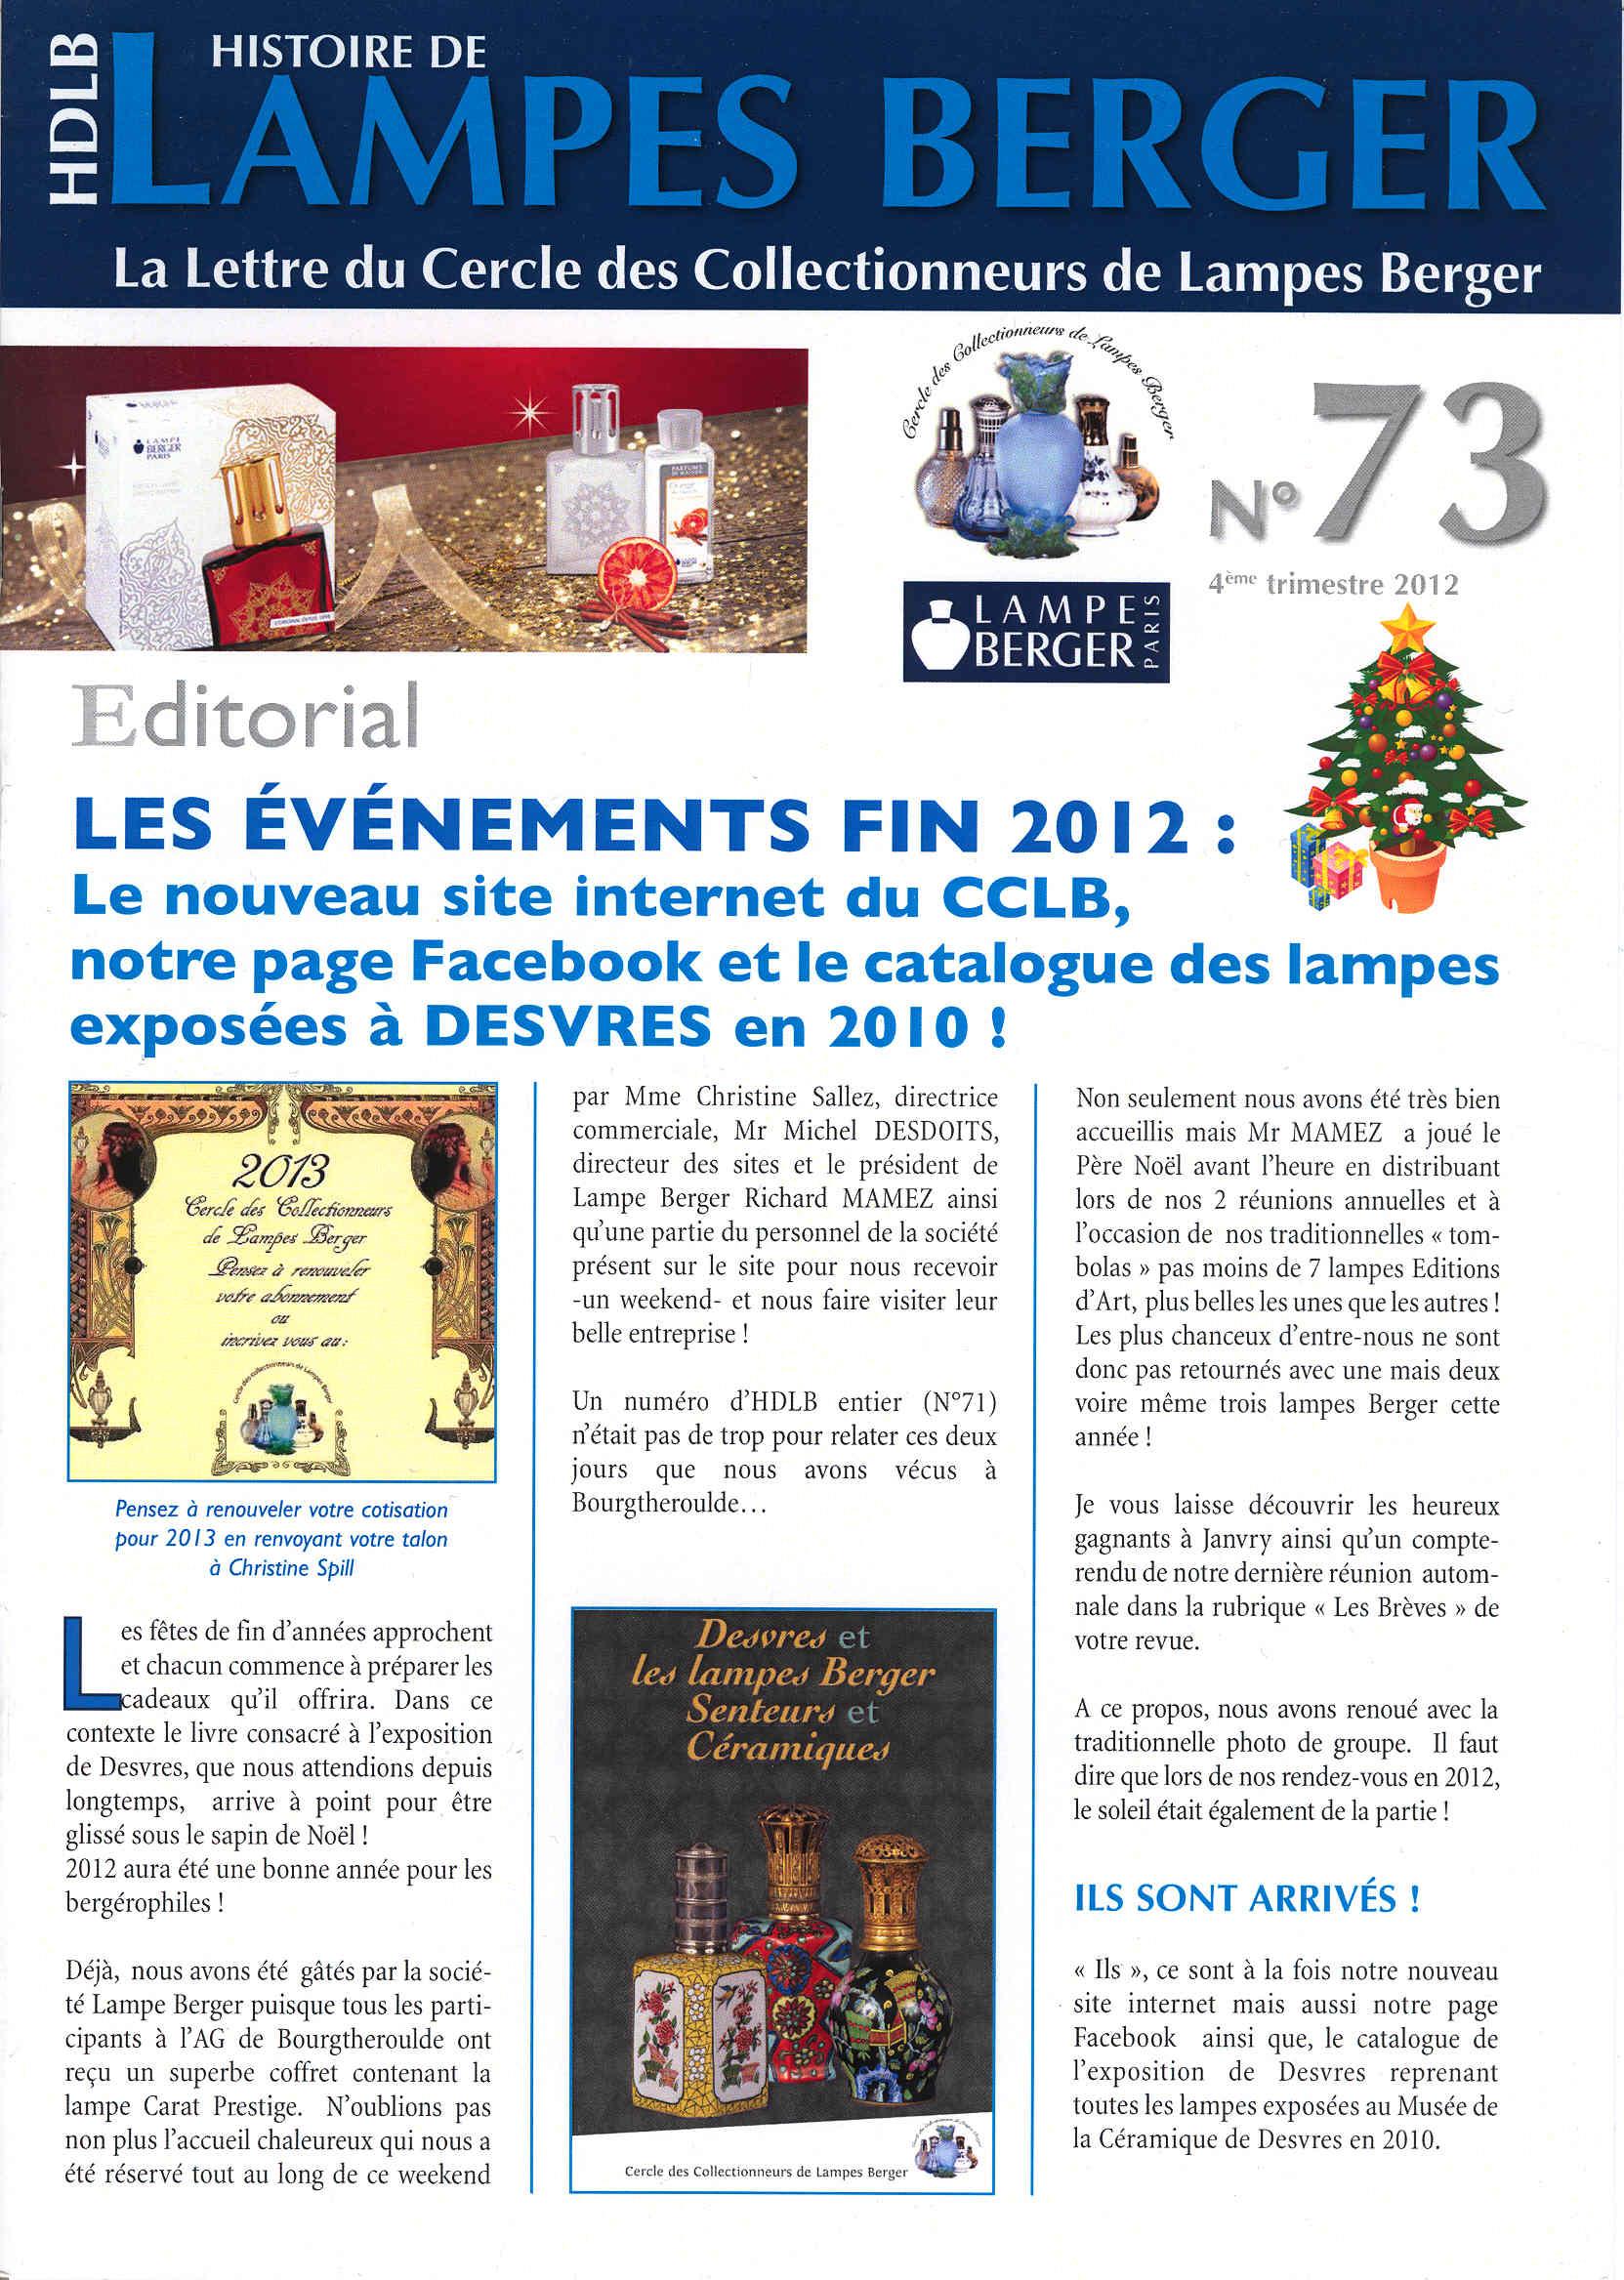 Revue Histoire De Lampes Berger (2)